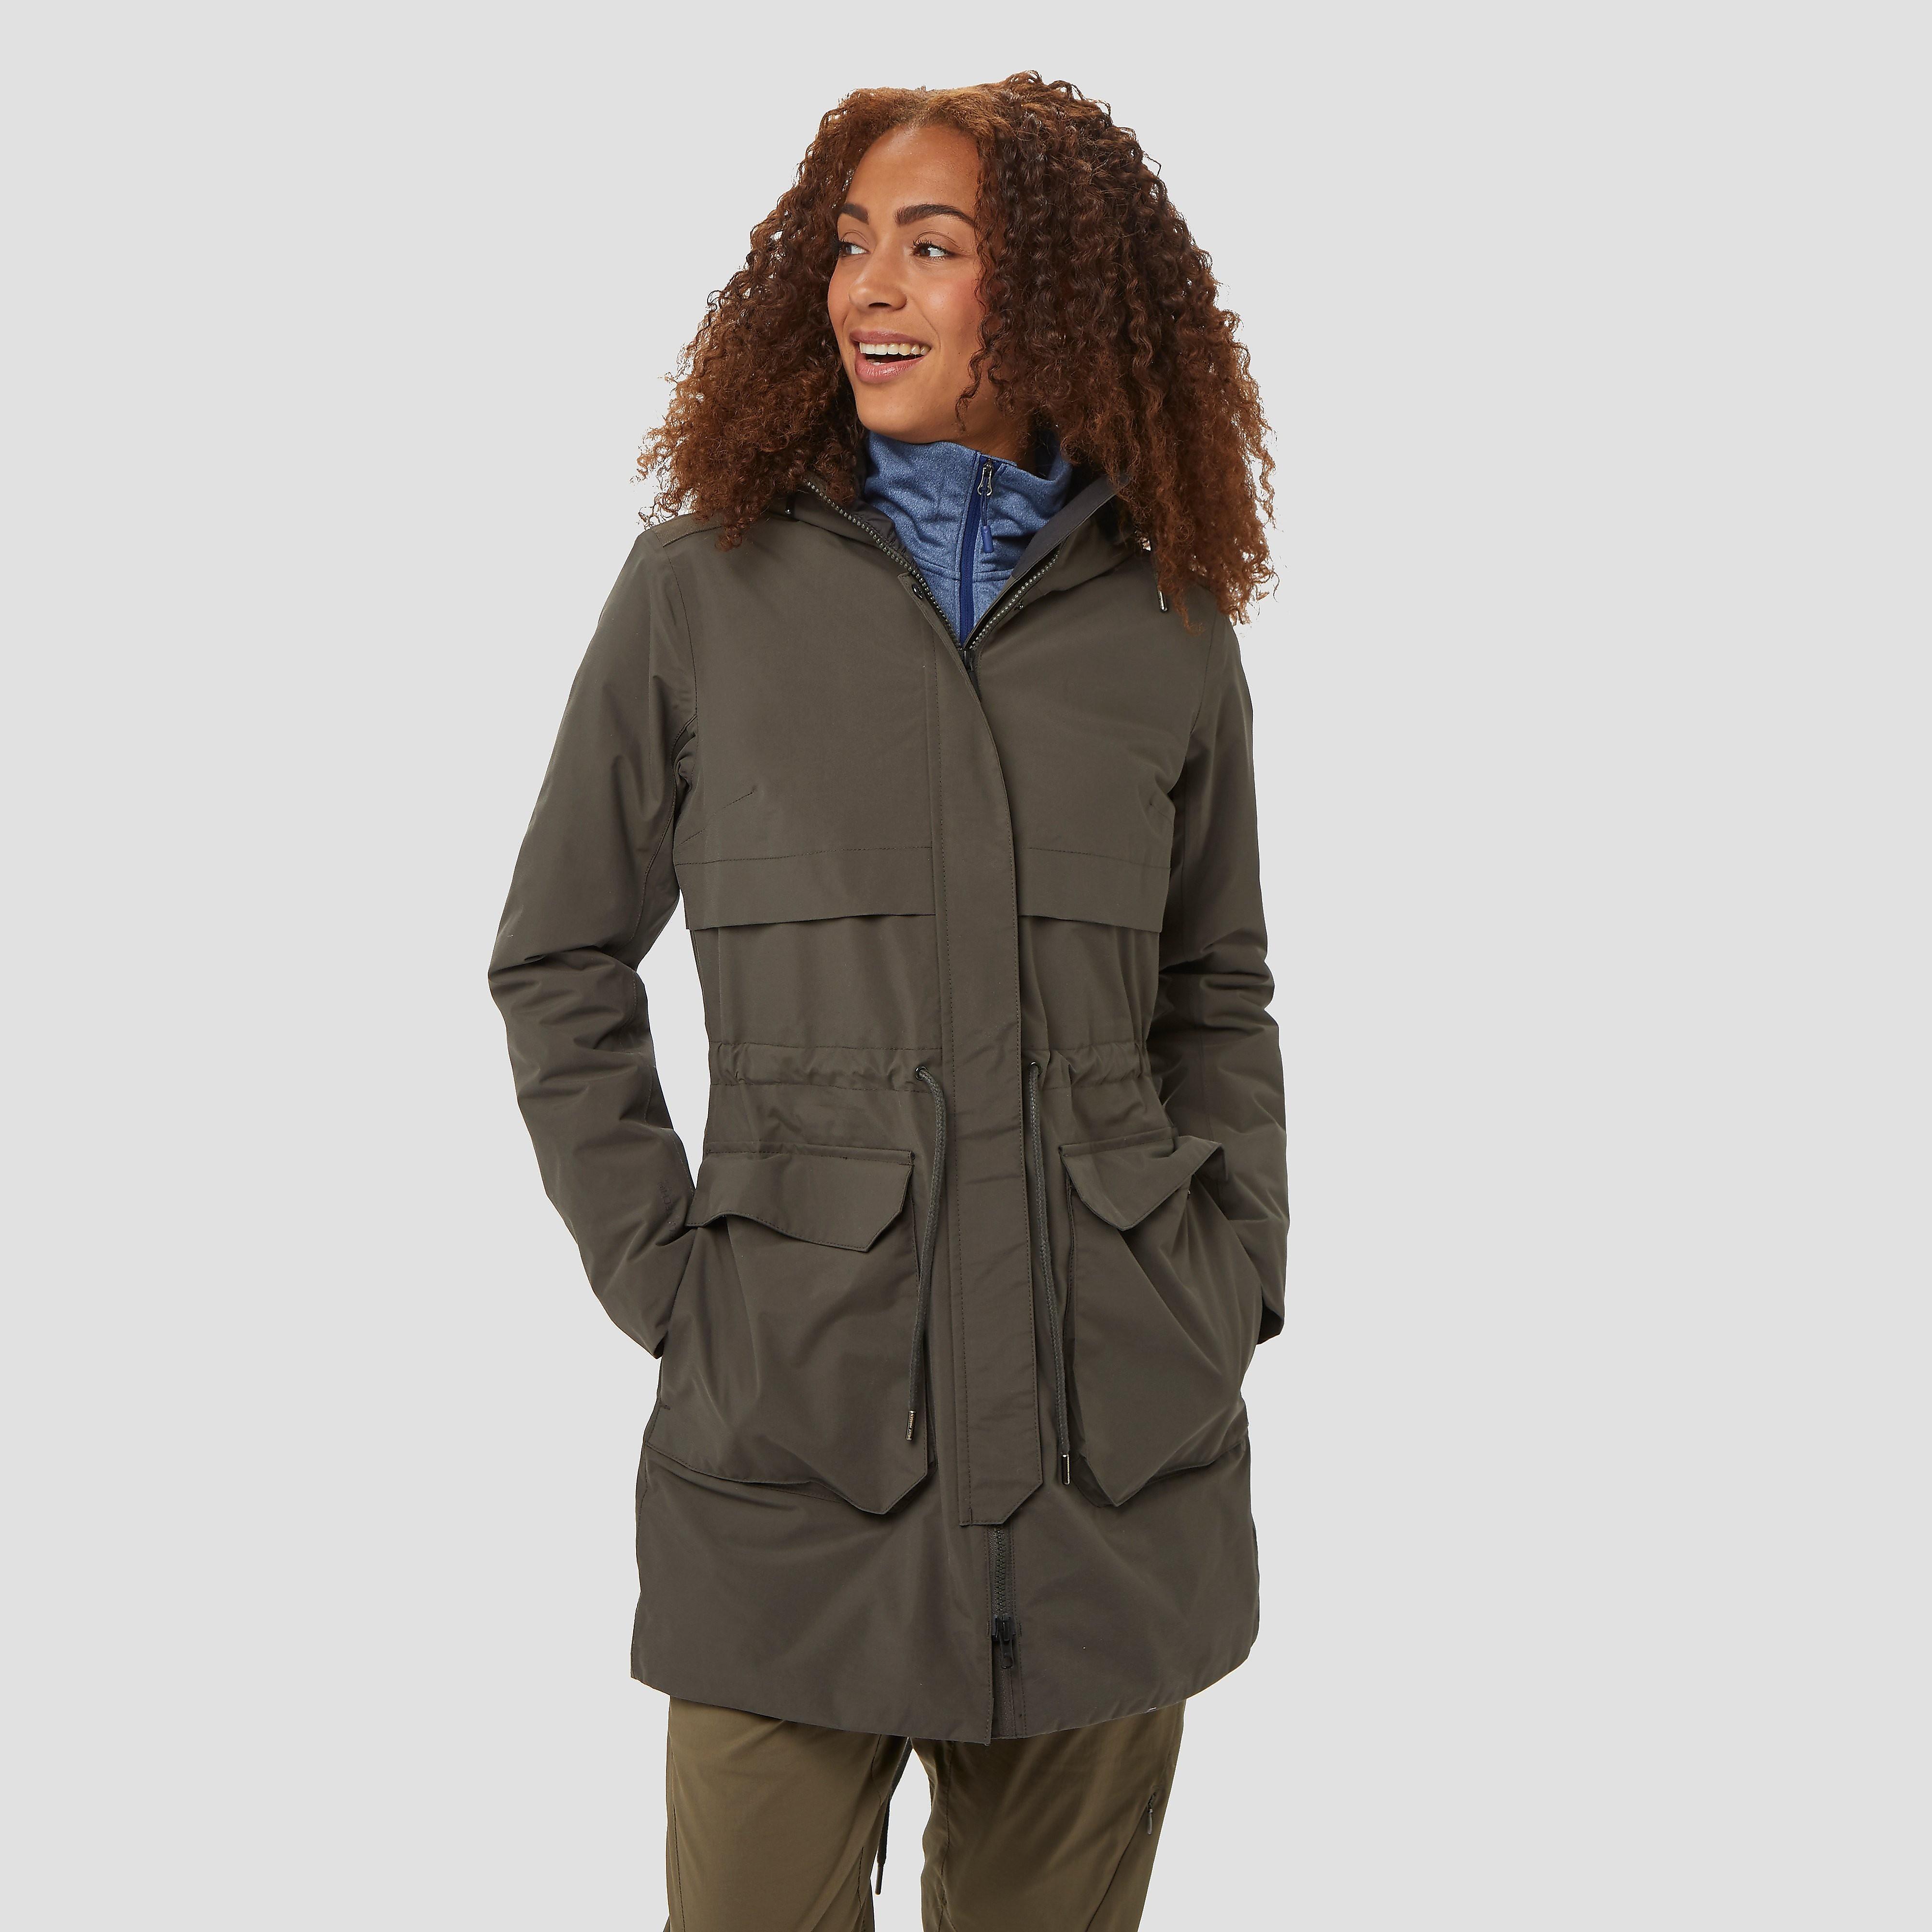 De boyne parka van helly hansen helpt jou de herfst door. dit veelzijdige, stijlvolle en duurzame damesmodel ...